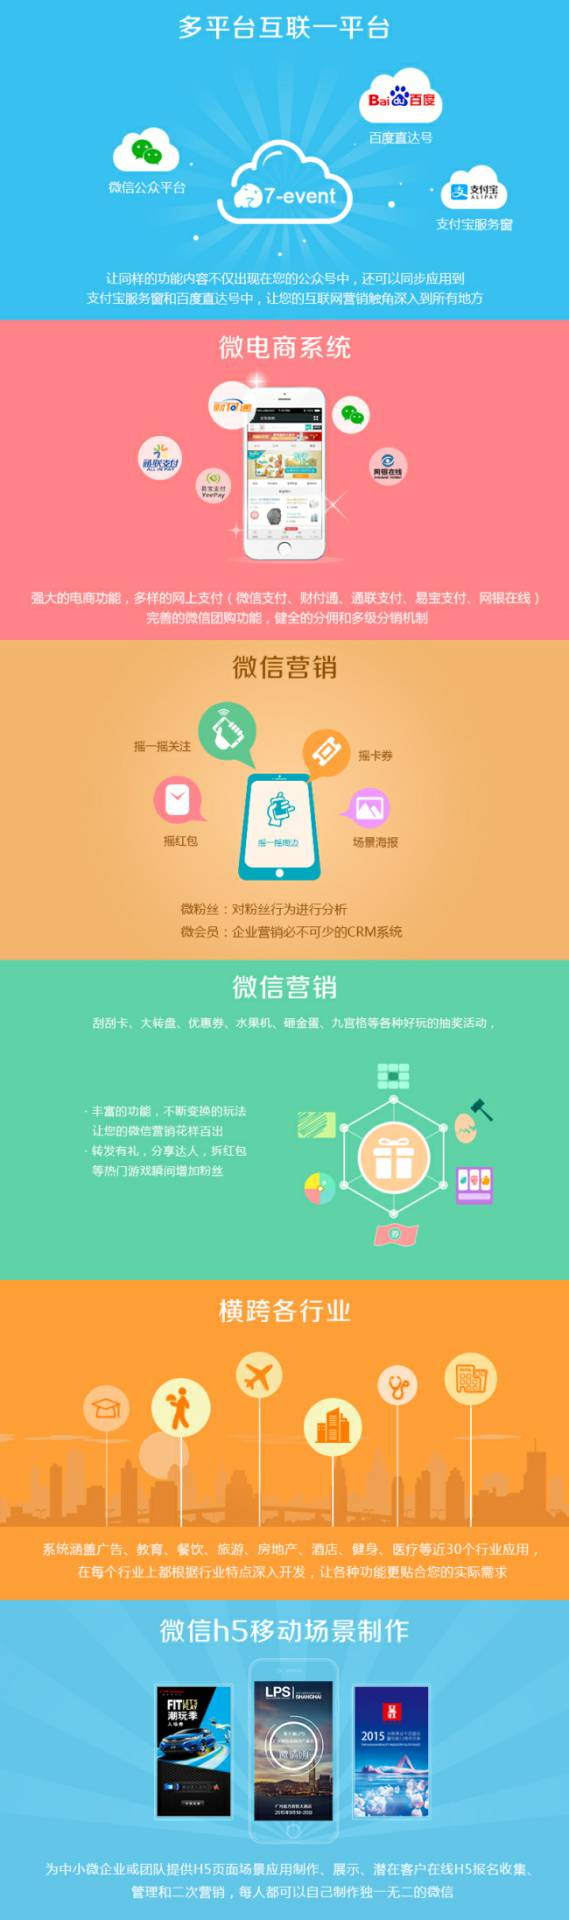 深圳市平安银行地址_师盛会务2015产品-微信wifi-师盛会务的新产品--微信墙-师盛会务的 ...